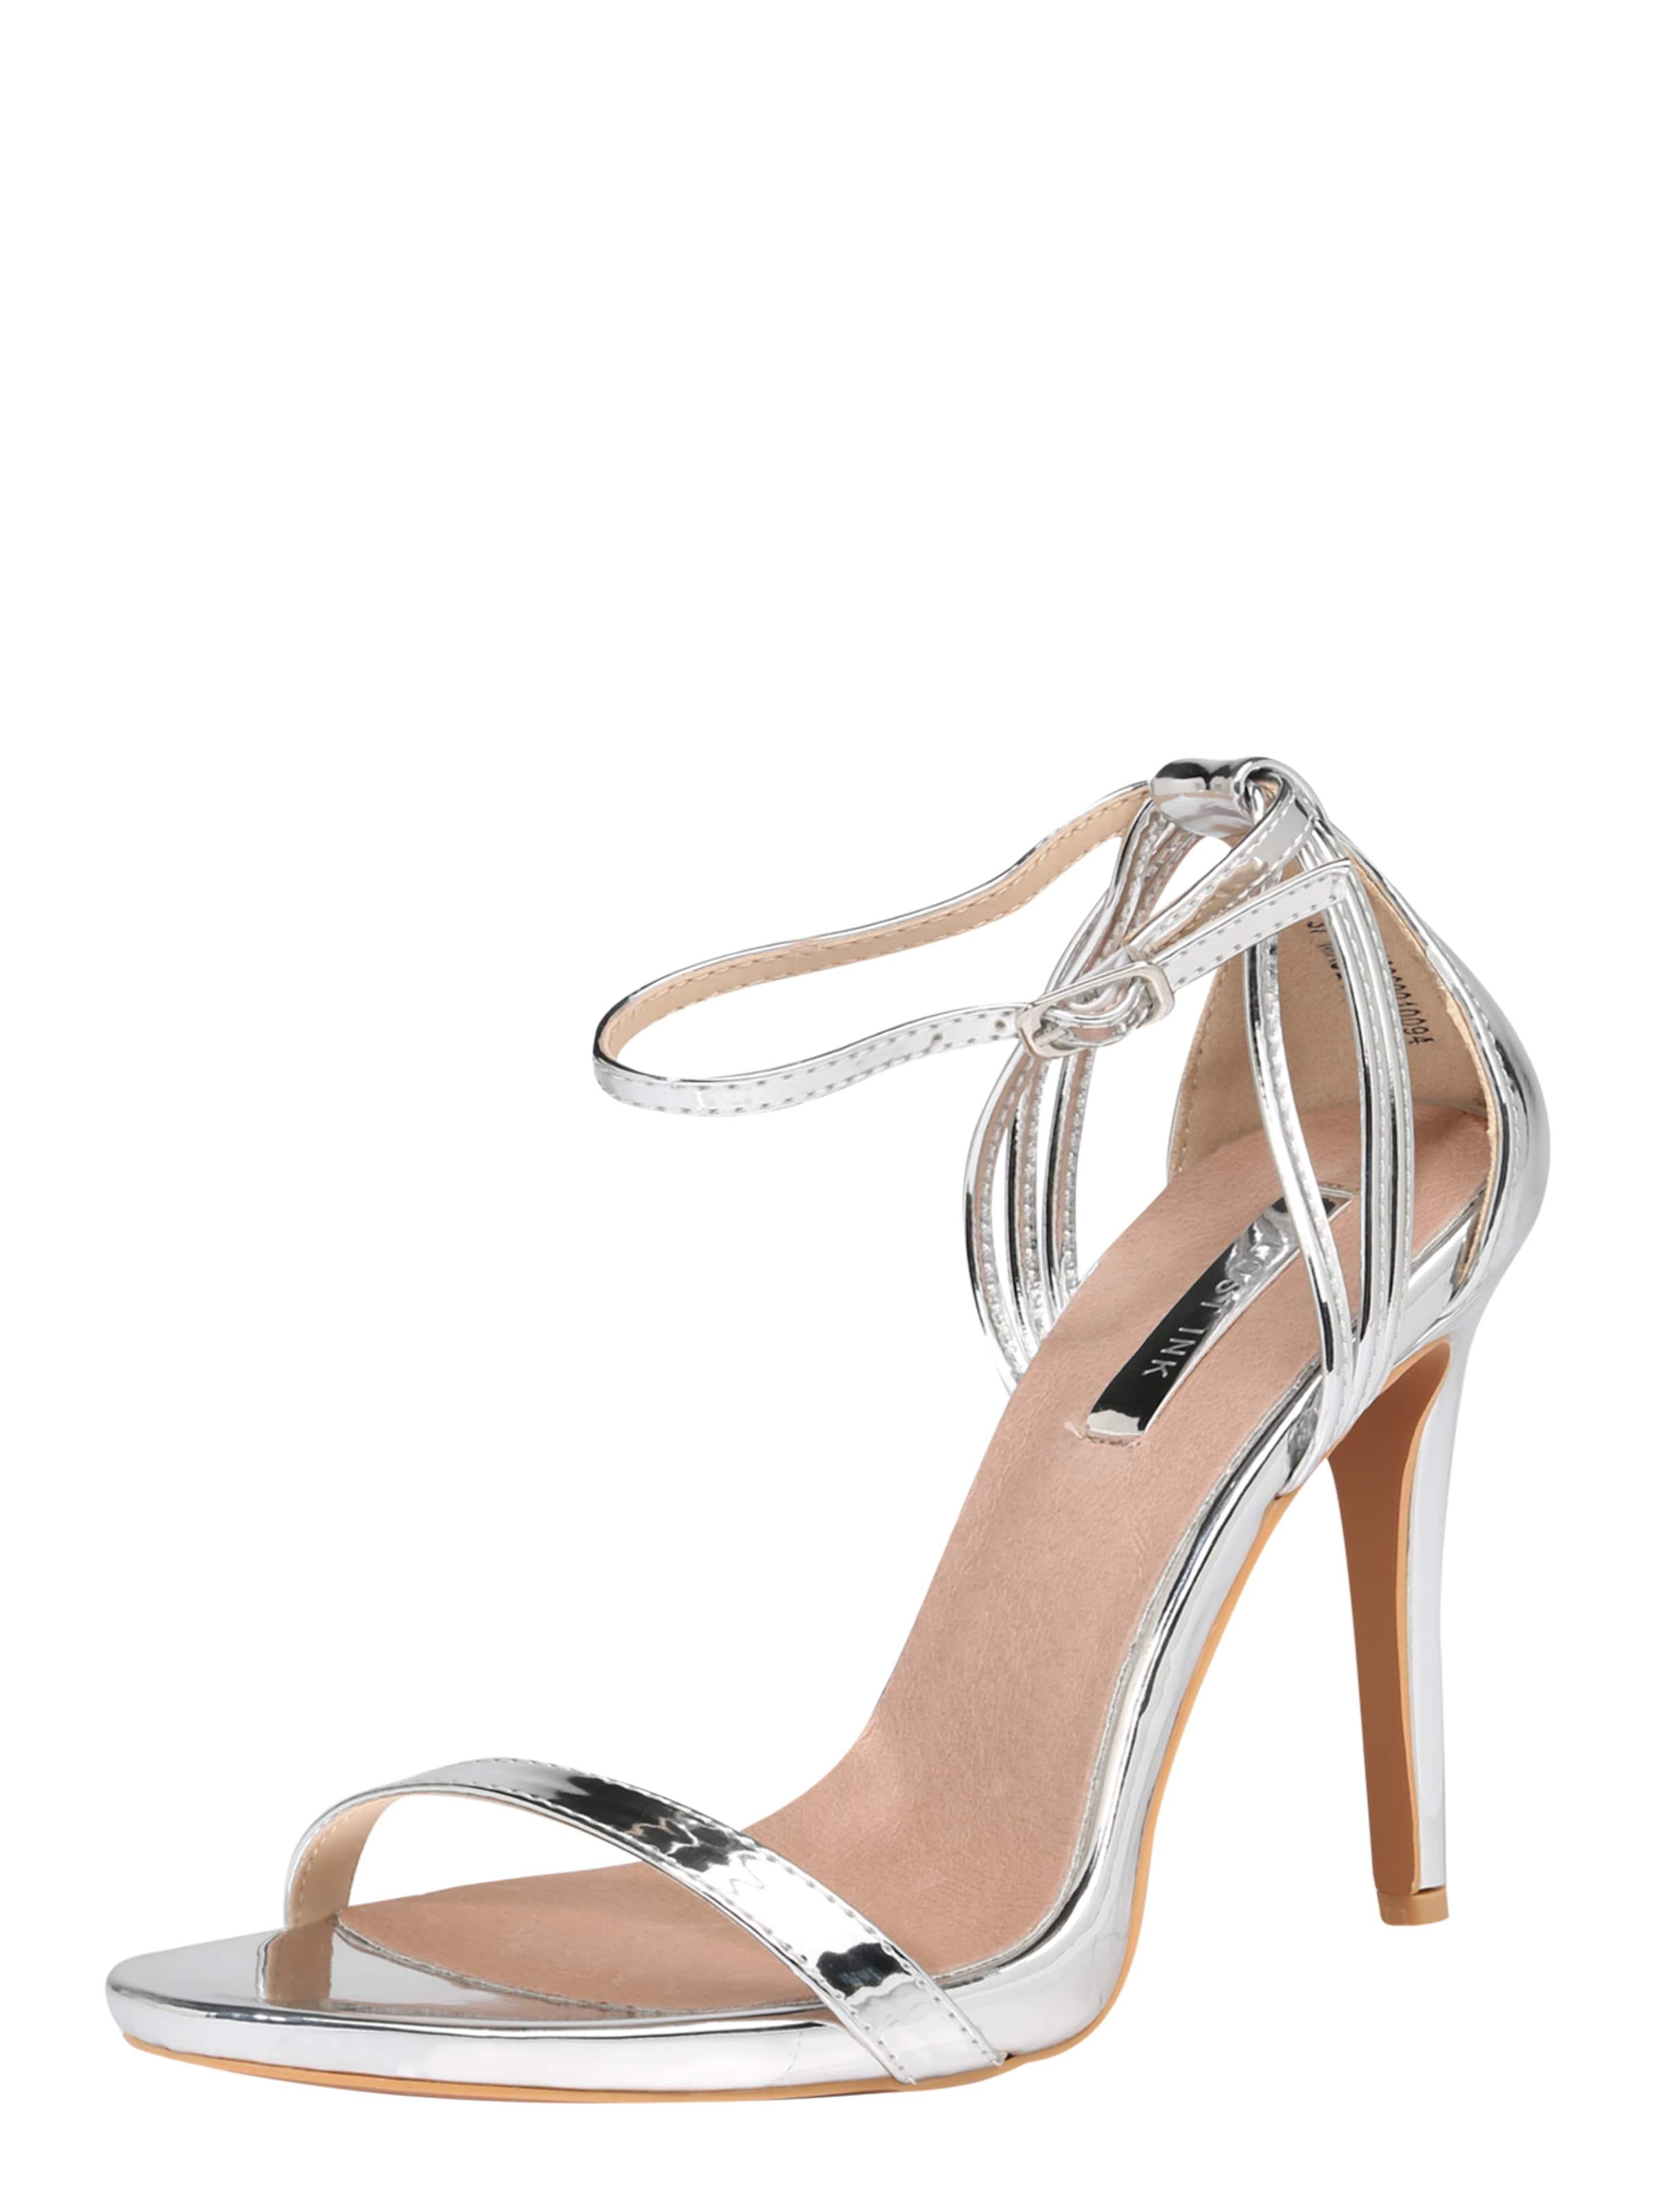 Lost Ink Sandalette LARA Verschleißfeste billige Schuhe